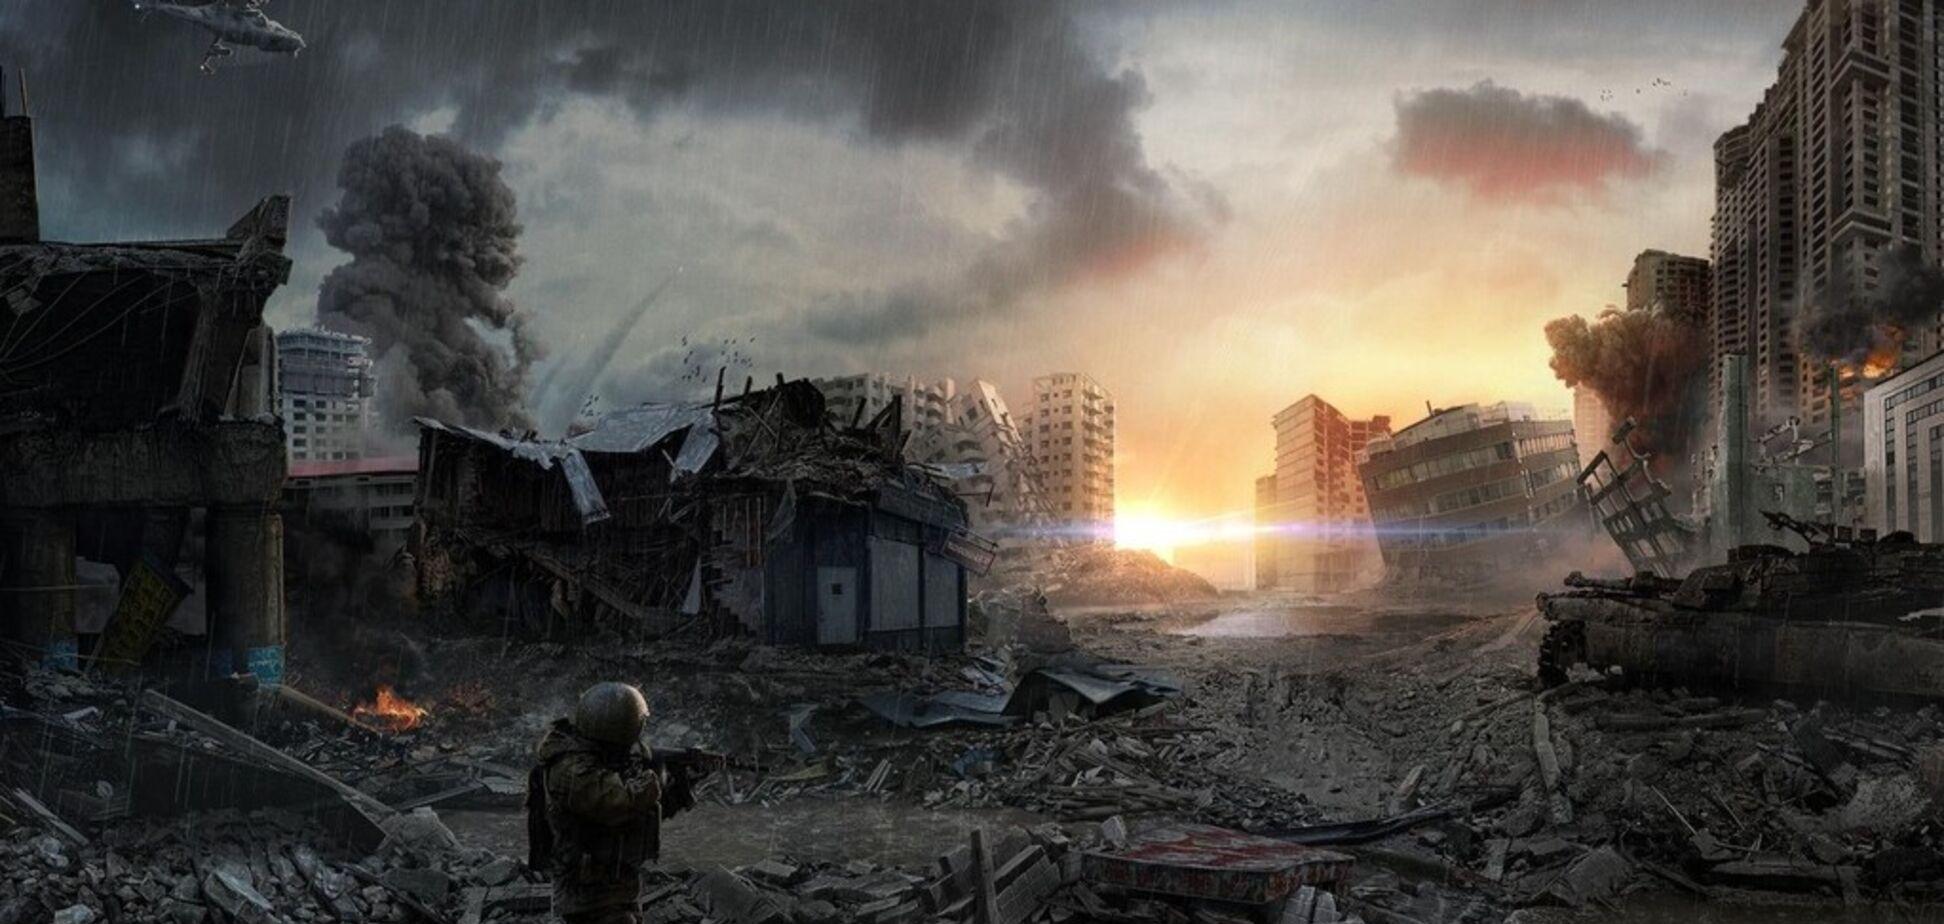 Ще одна Ванга: росЗМІ поширили страшилку про Третю світову